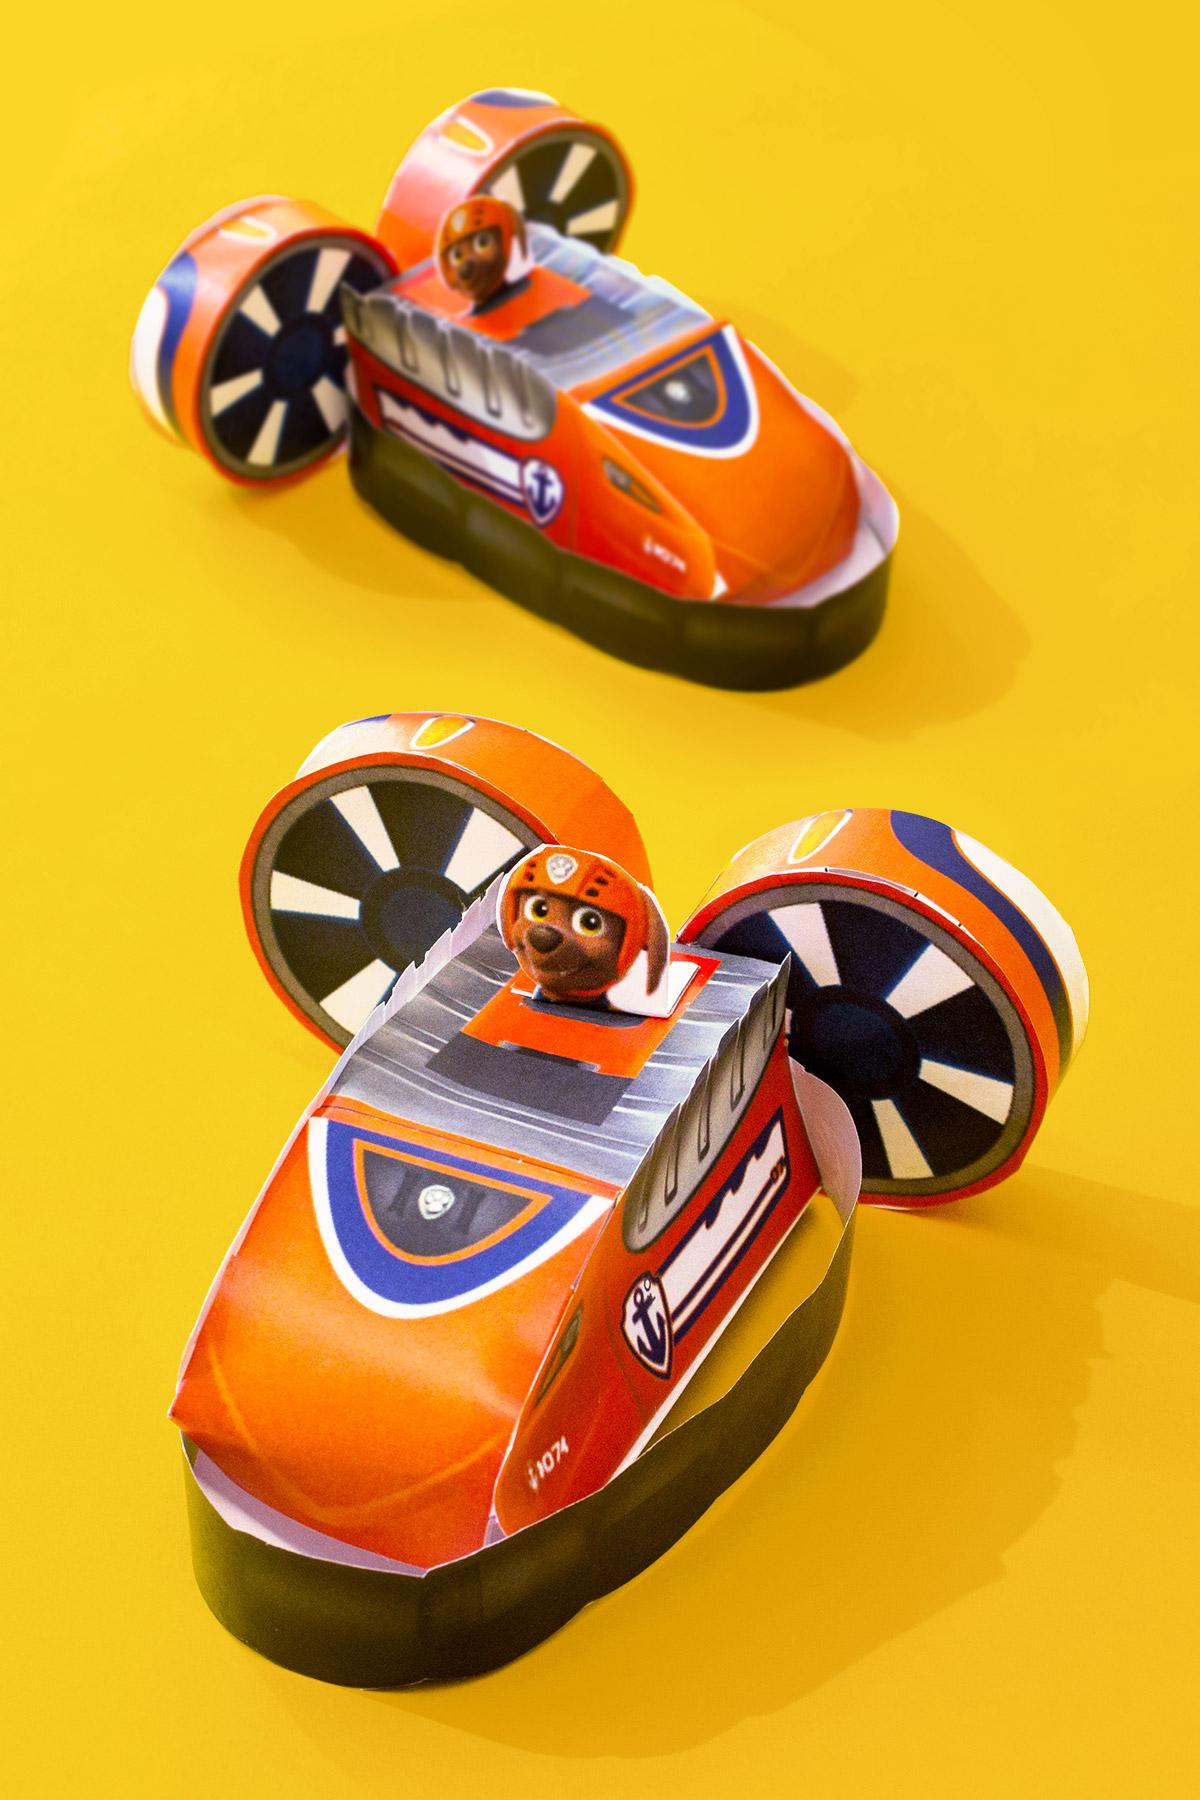 PAW Patrol Zuma Paper Vehicle Toy